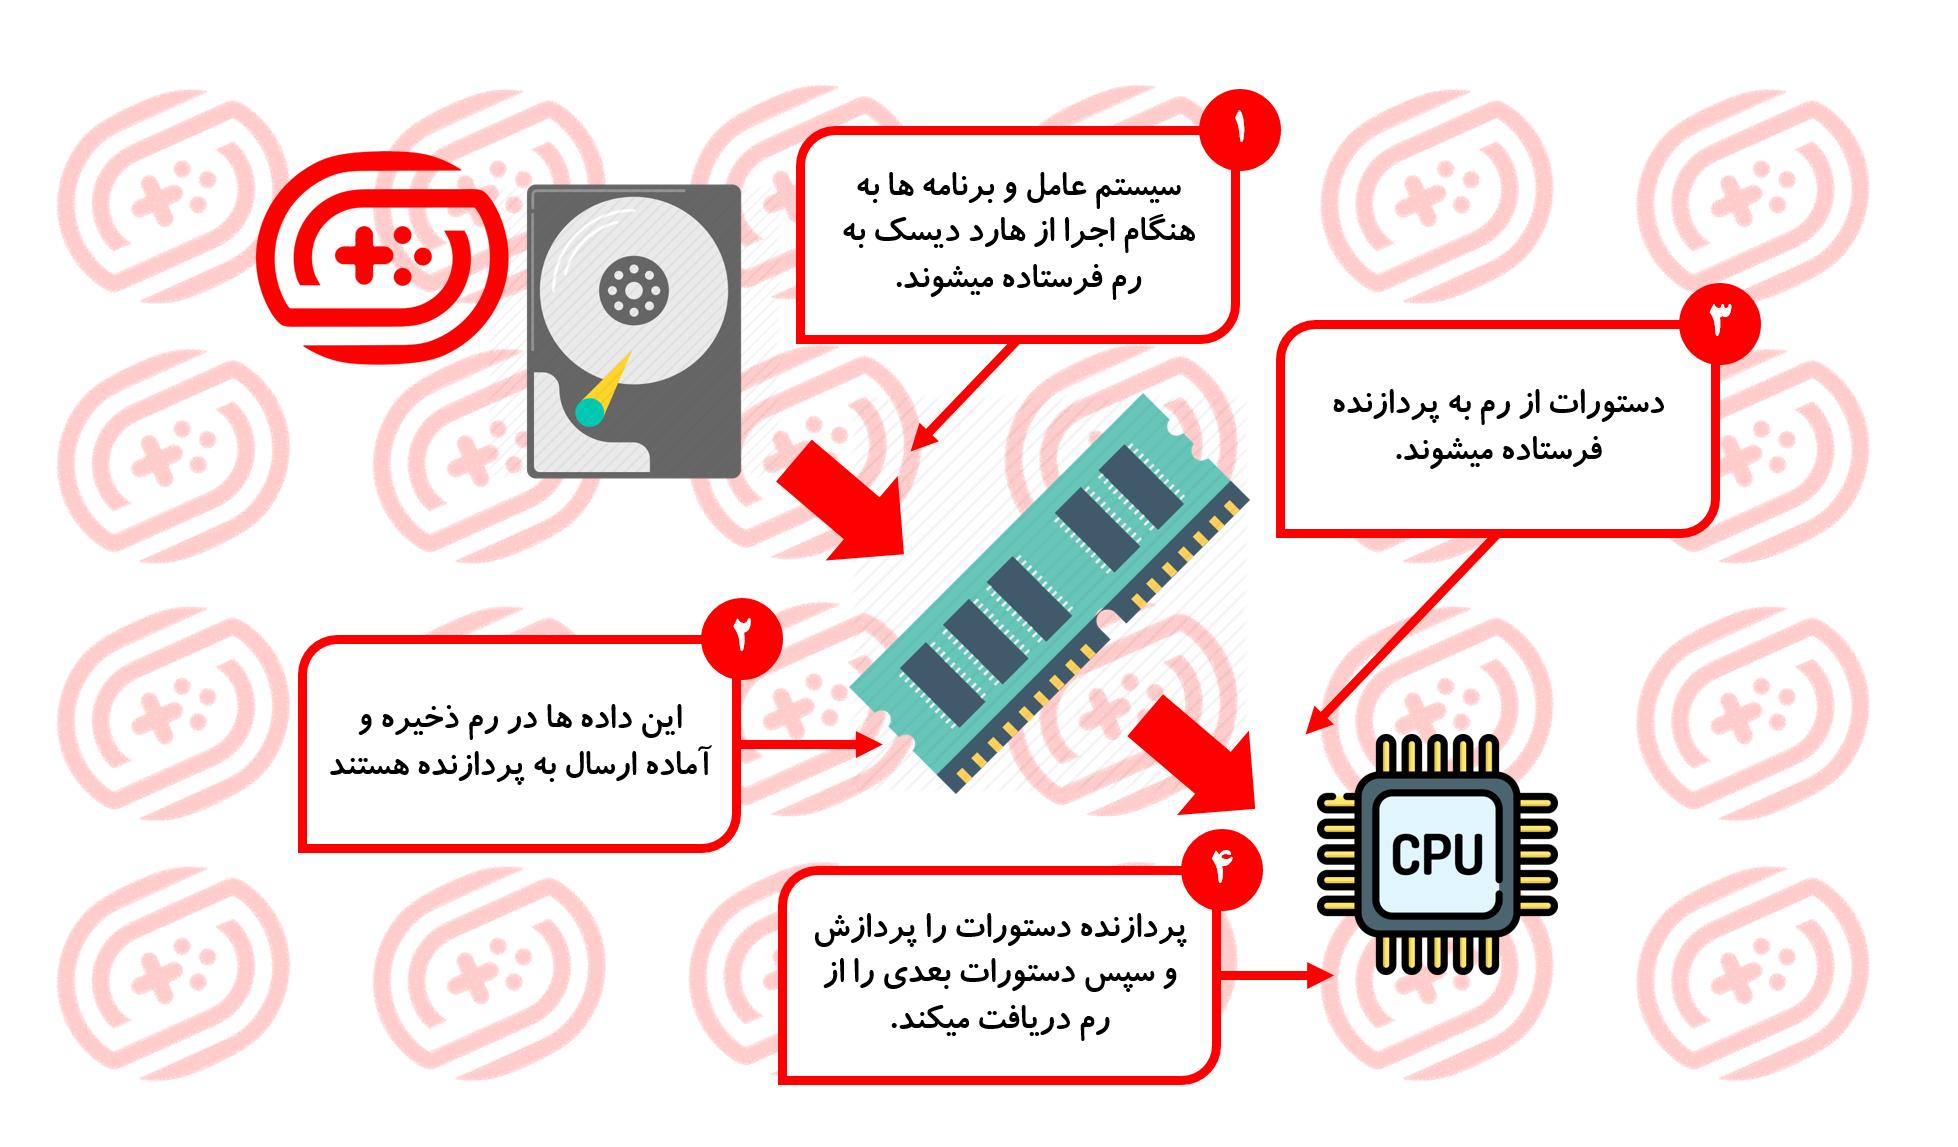 عملکرد رم (RAM) و نکات کاربردی مربوط به آن